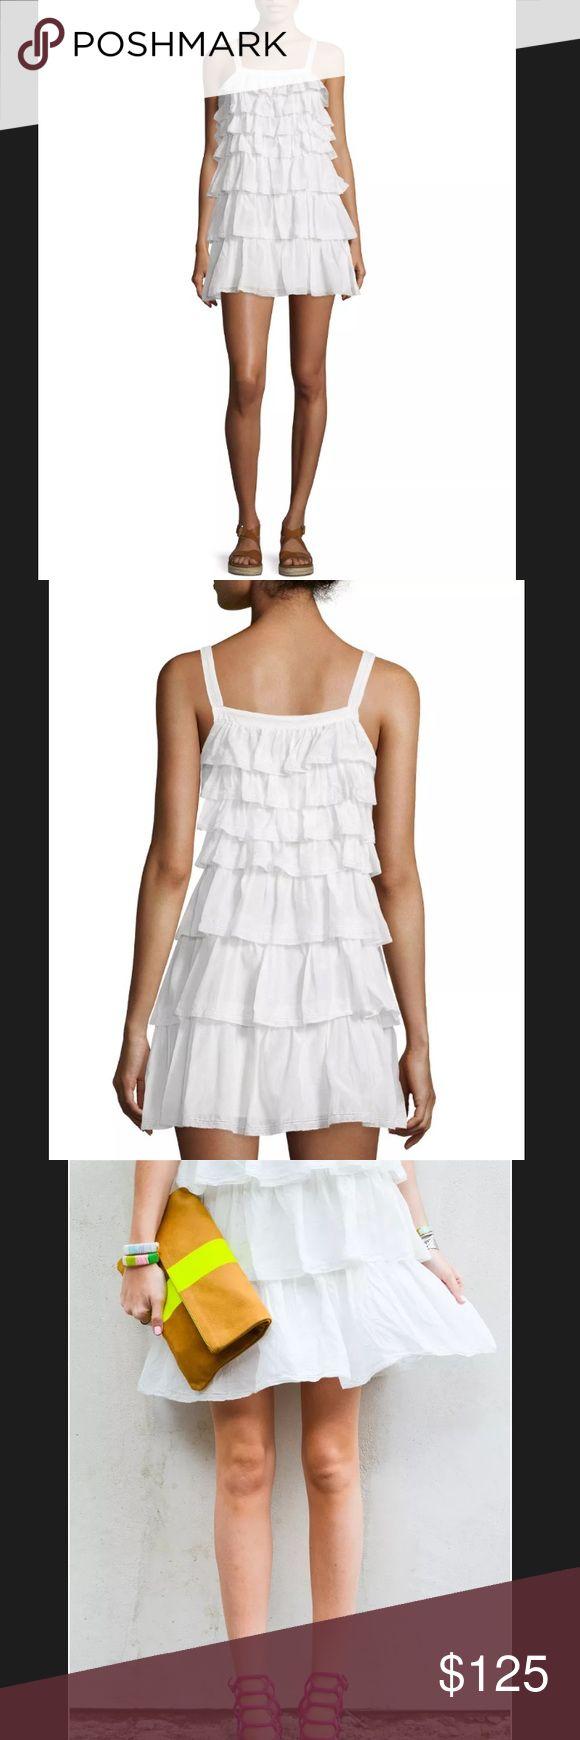 Joie Dress. Size XS. NWT. Joie Dress. Size XS. NWT. Joie Dresses Mini